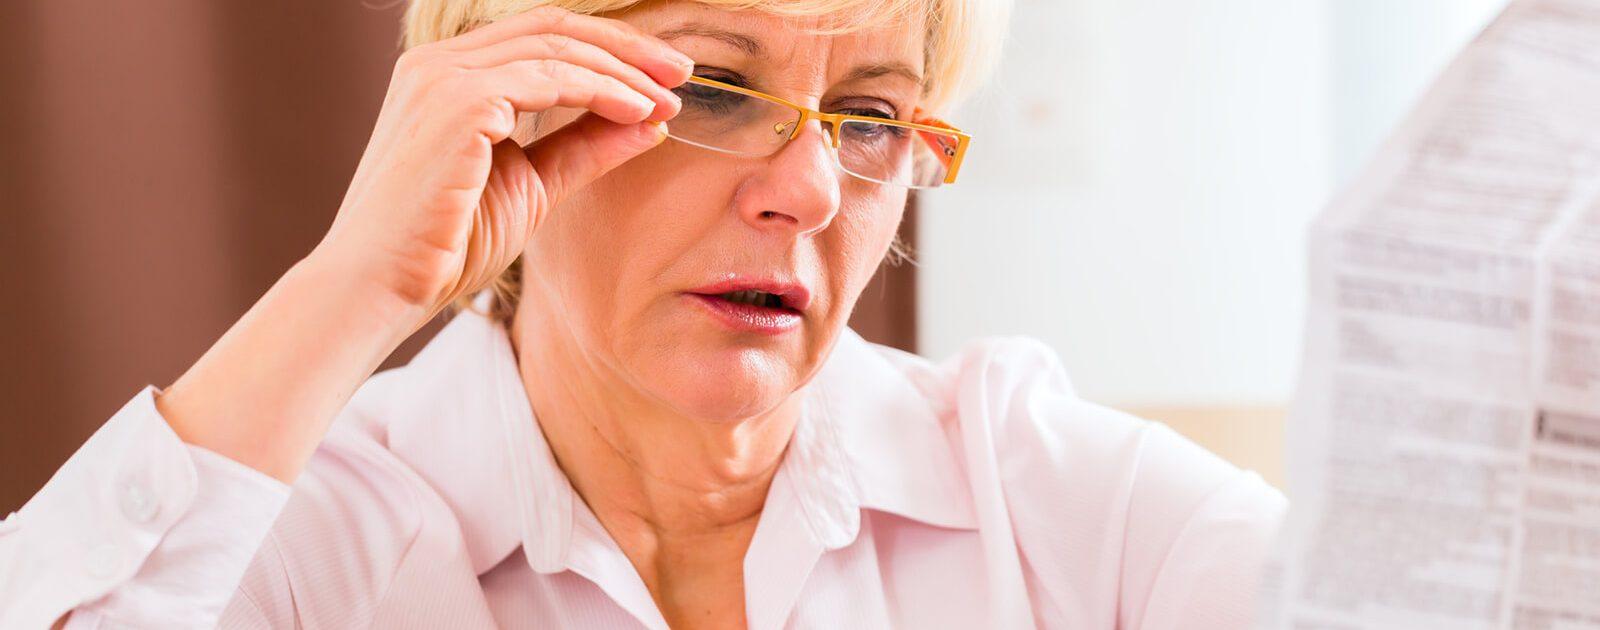 Frau mit Altersweitsichtigkeit (Presbyopie): Nahe Objekte verschwimmen mit zunehmendem Alter